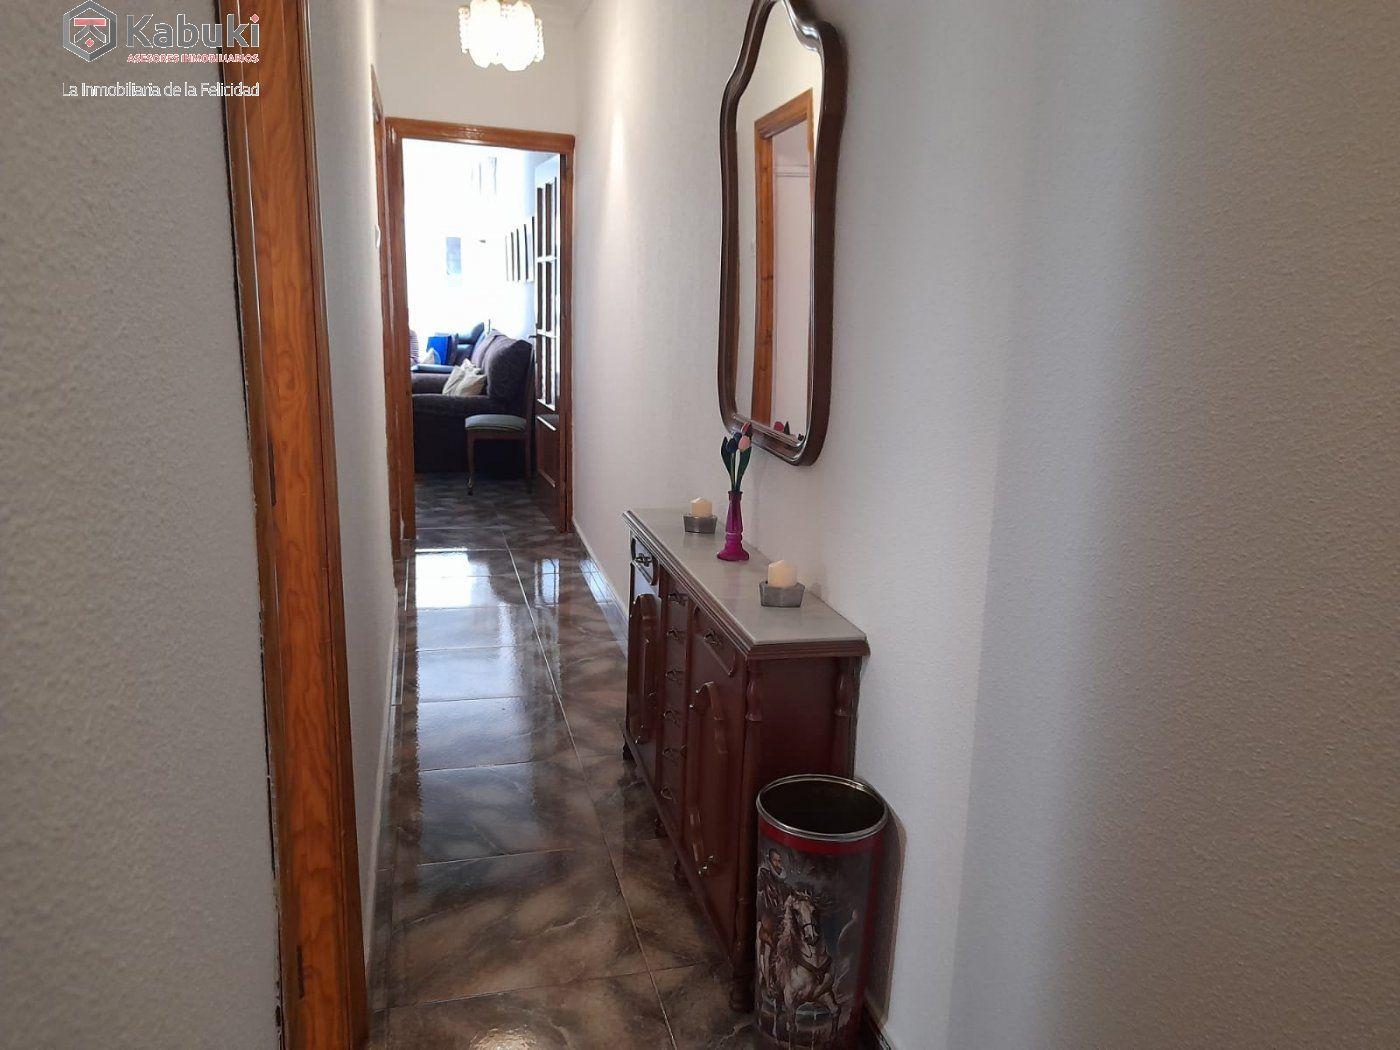 Magnífico inmueble en alquiler en zona hipercor. ideal para familias, luminoso y espacioso - imagenInmueble10